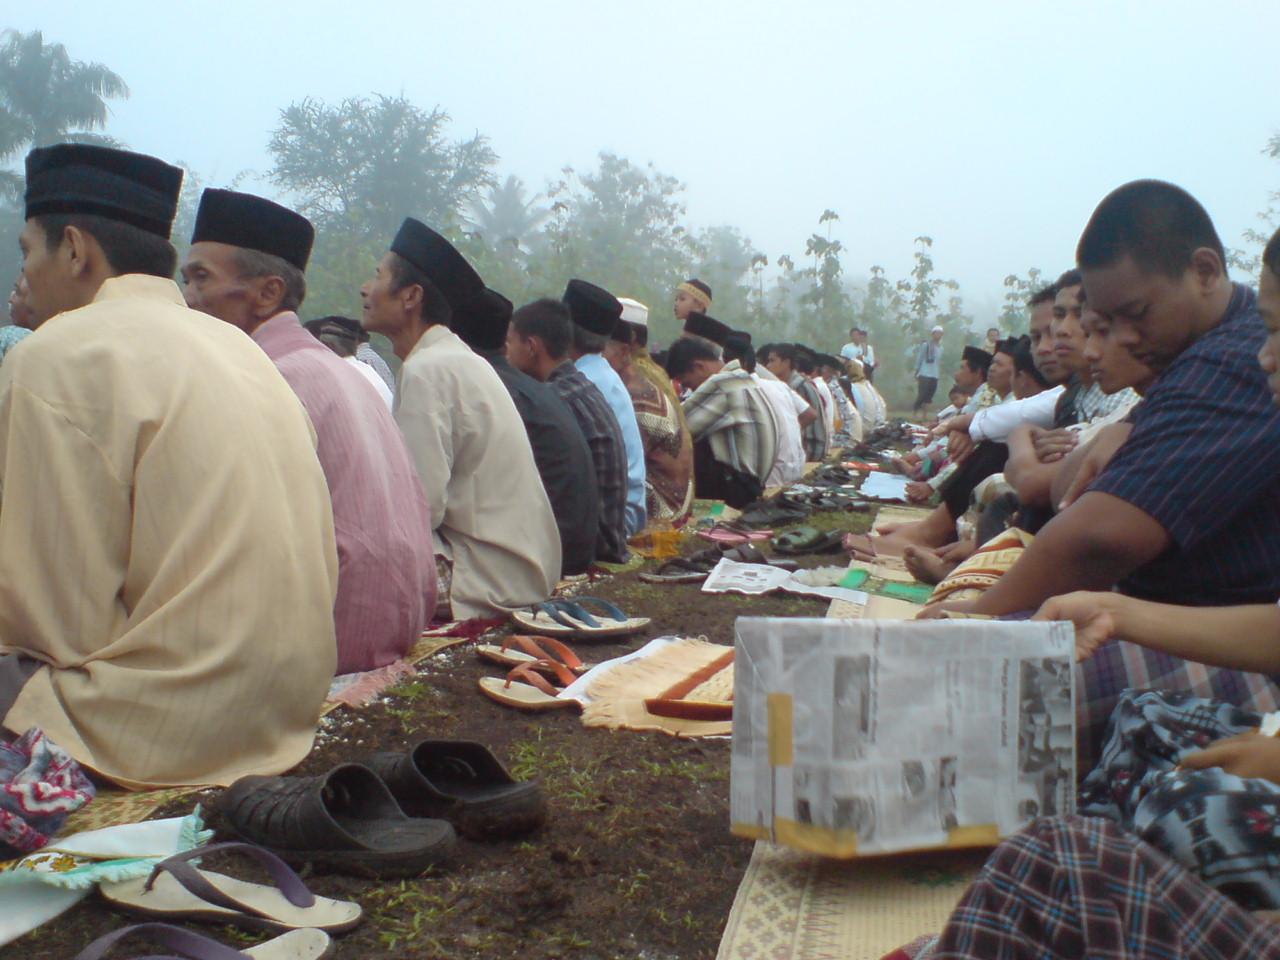 Shalat Ied di lapangan #grogol #indonesiabanget 08